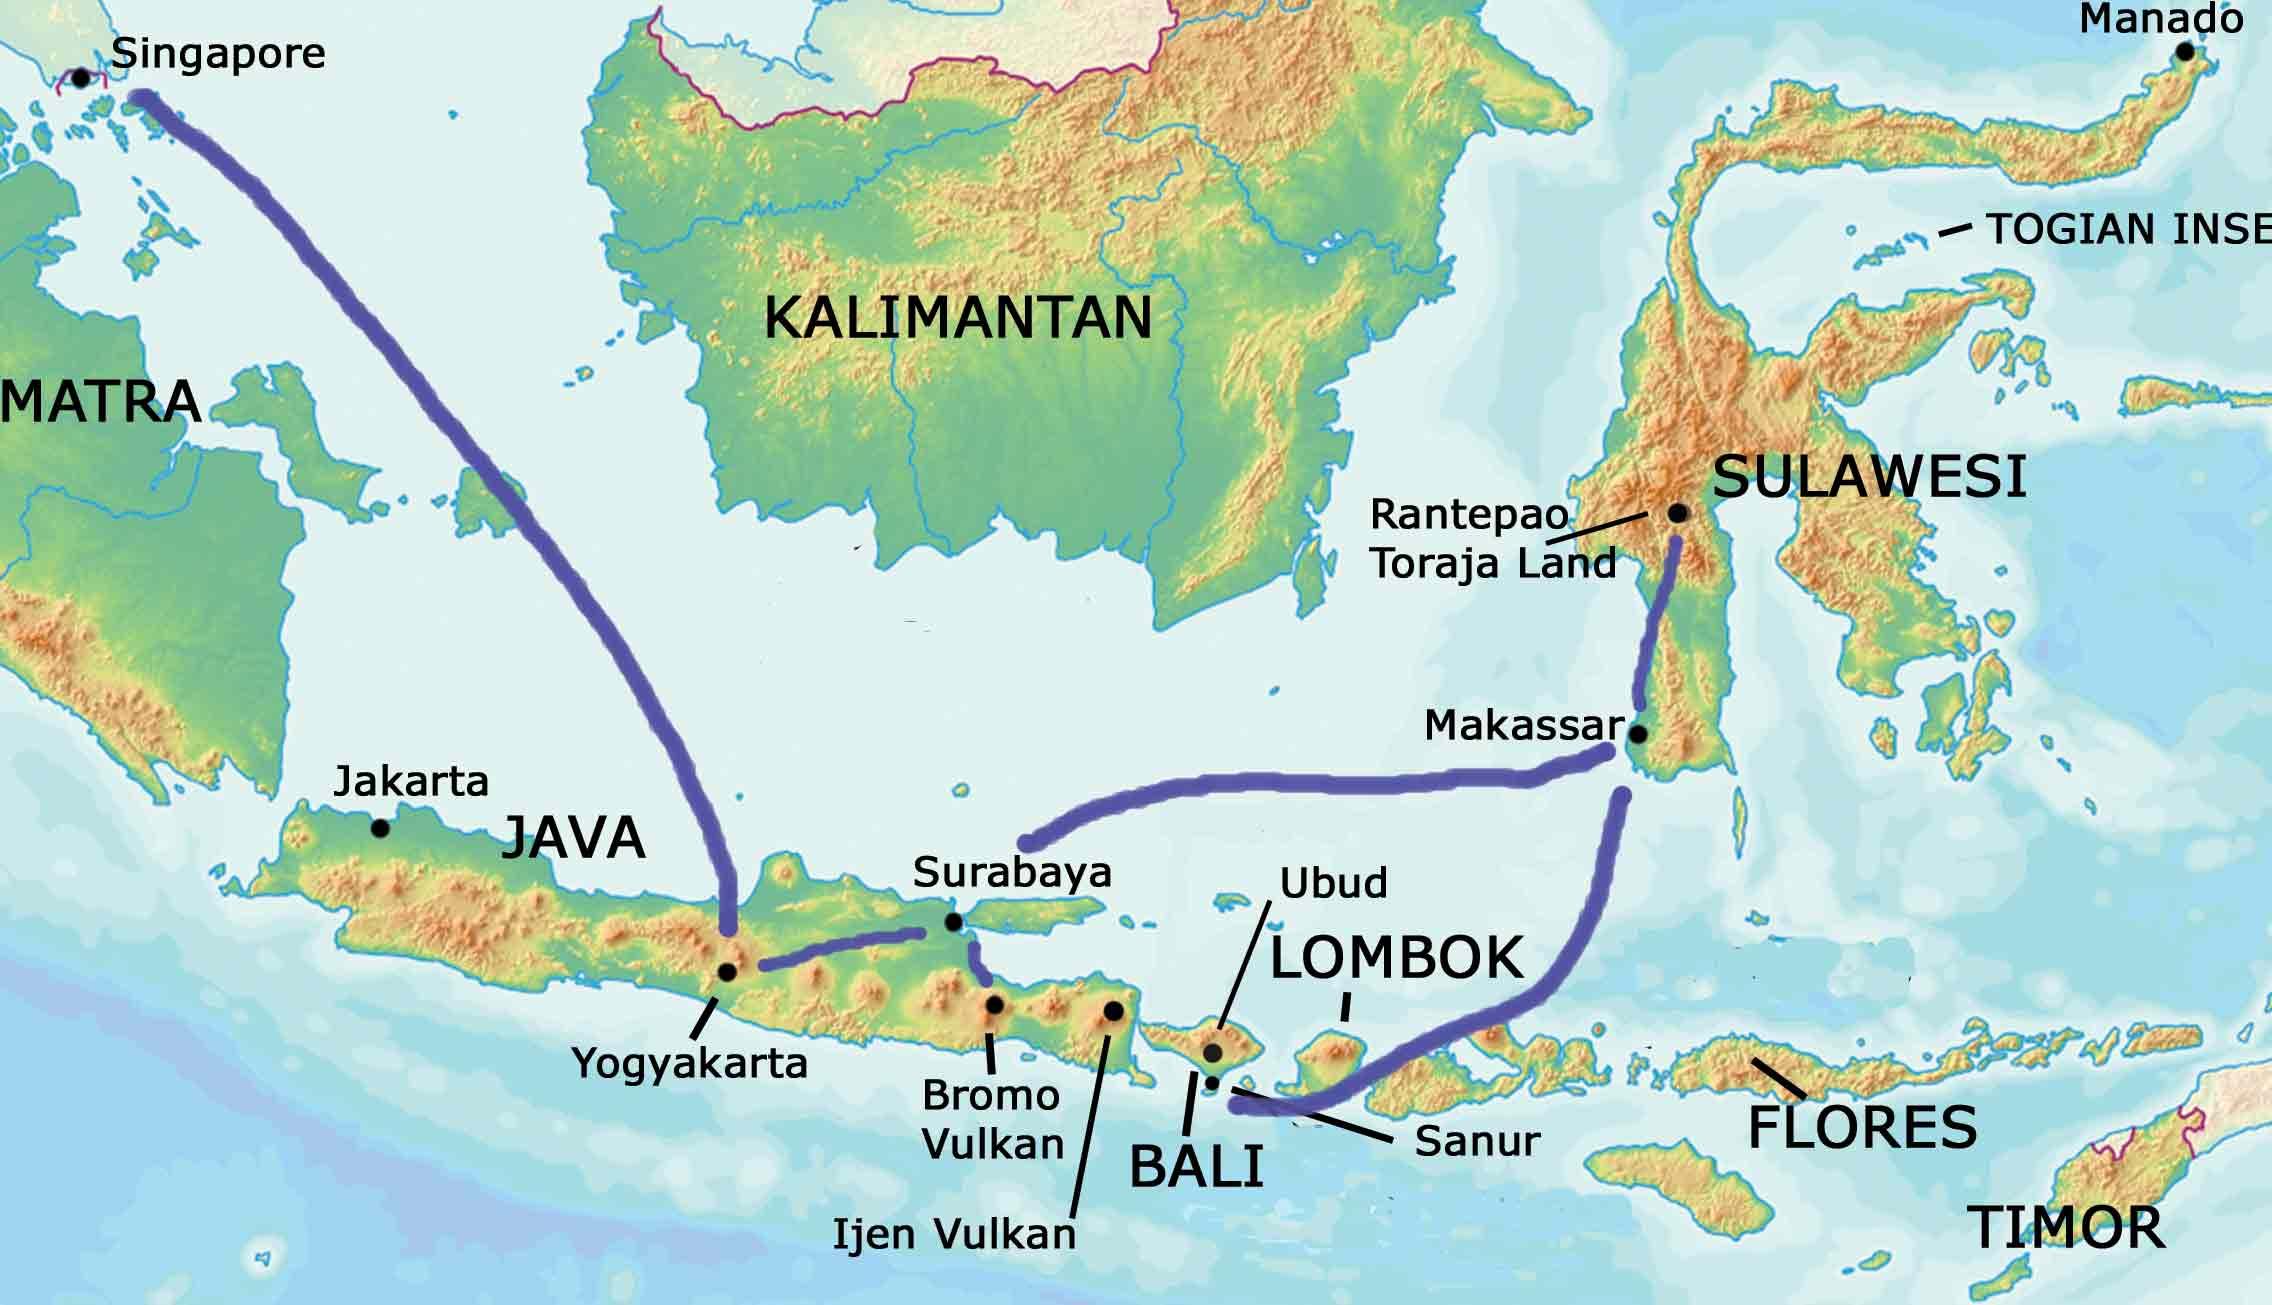 Karte Sinagpore, Java, Sulawesi, Bali